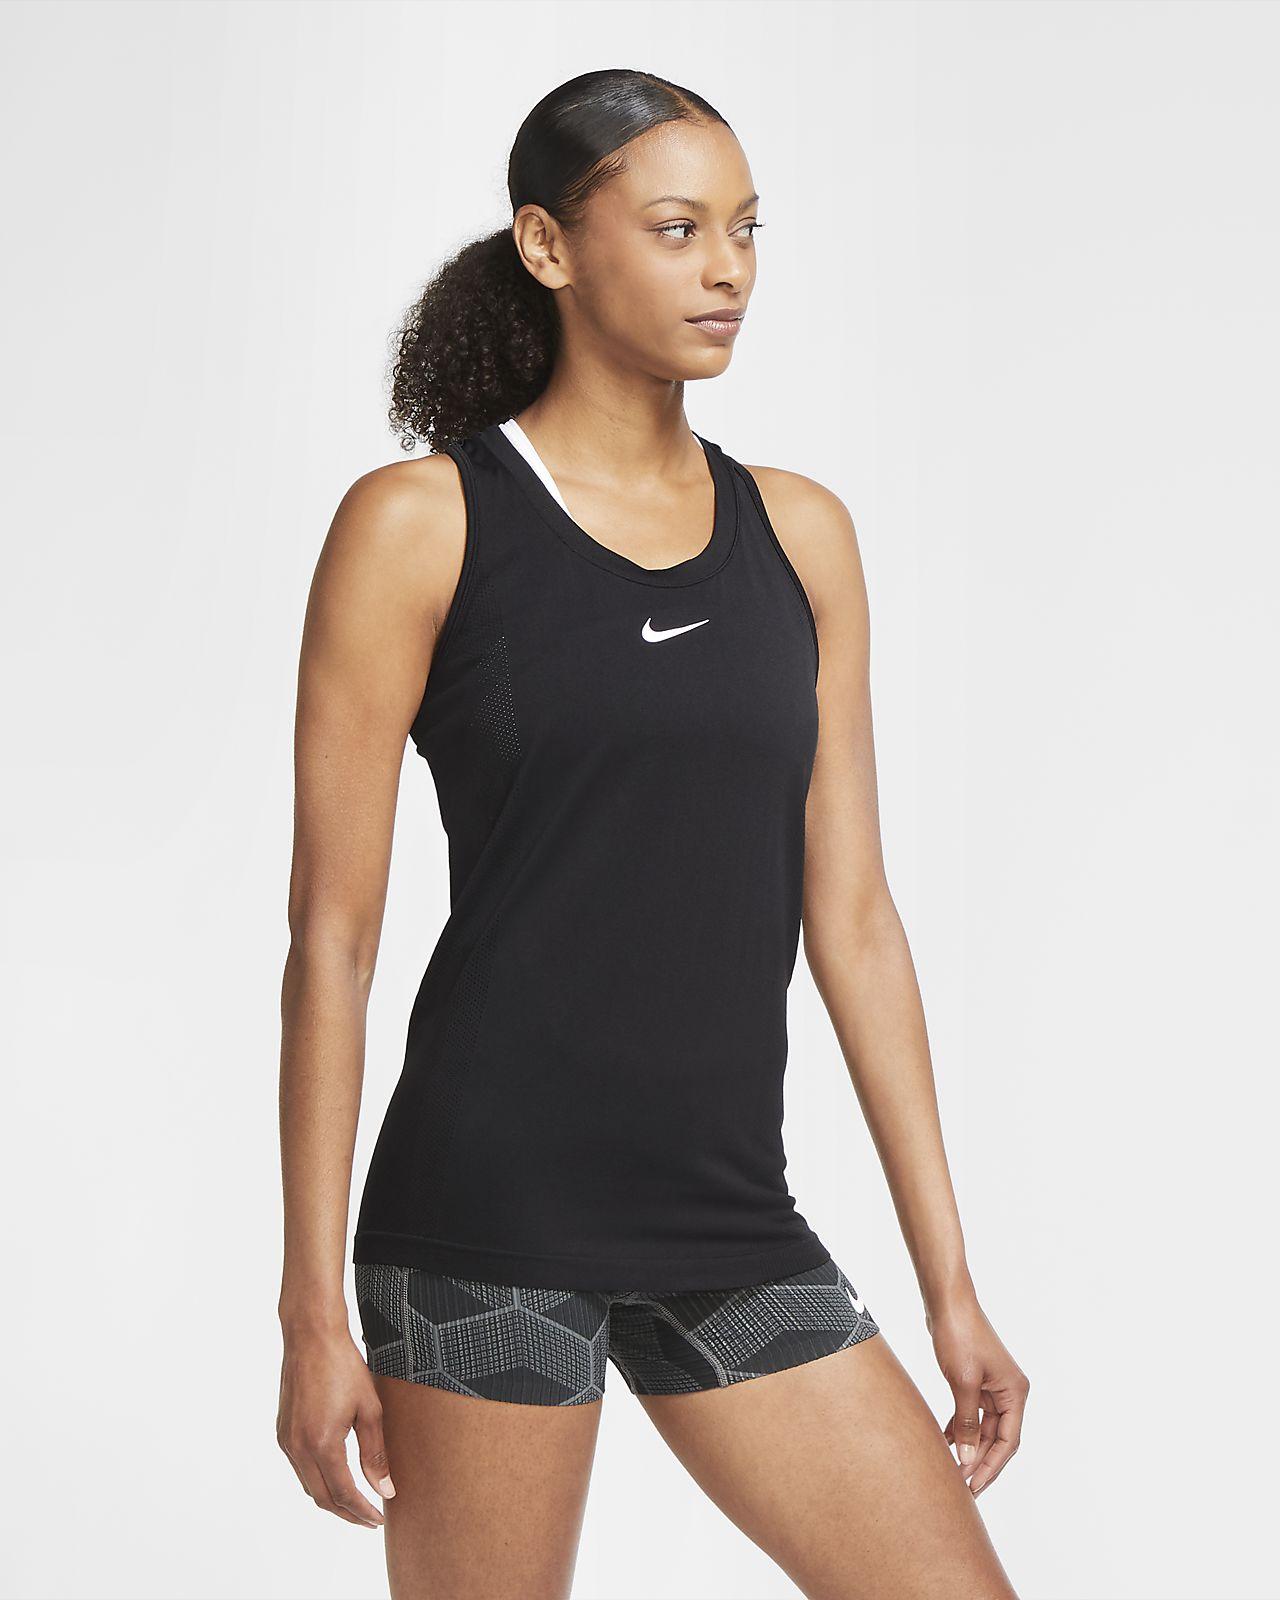 Löparlinne Nike Infinite för kvinnor